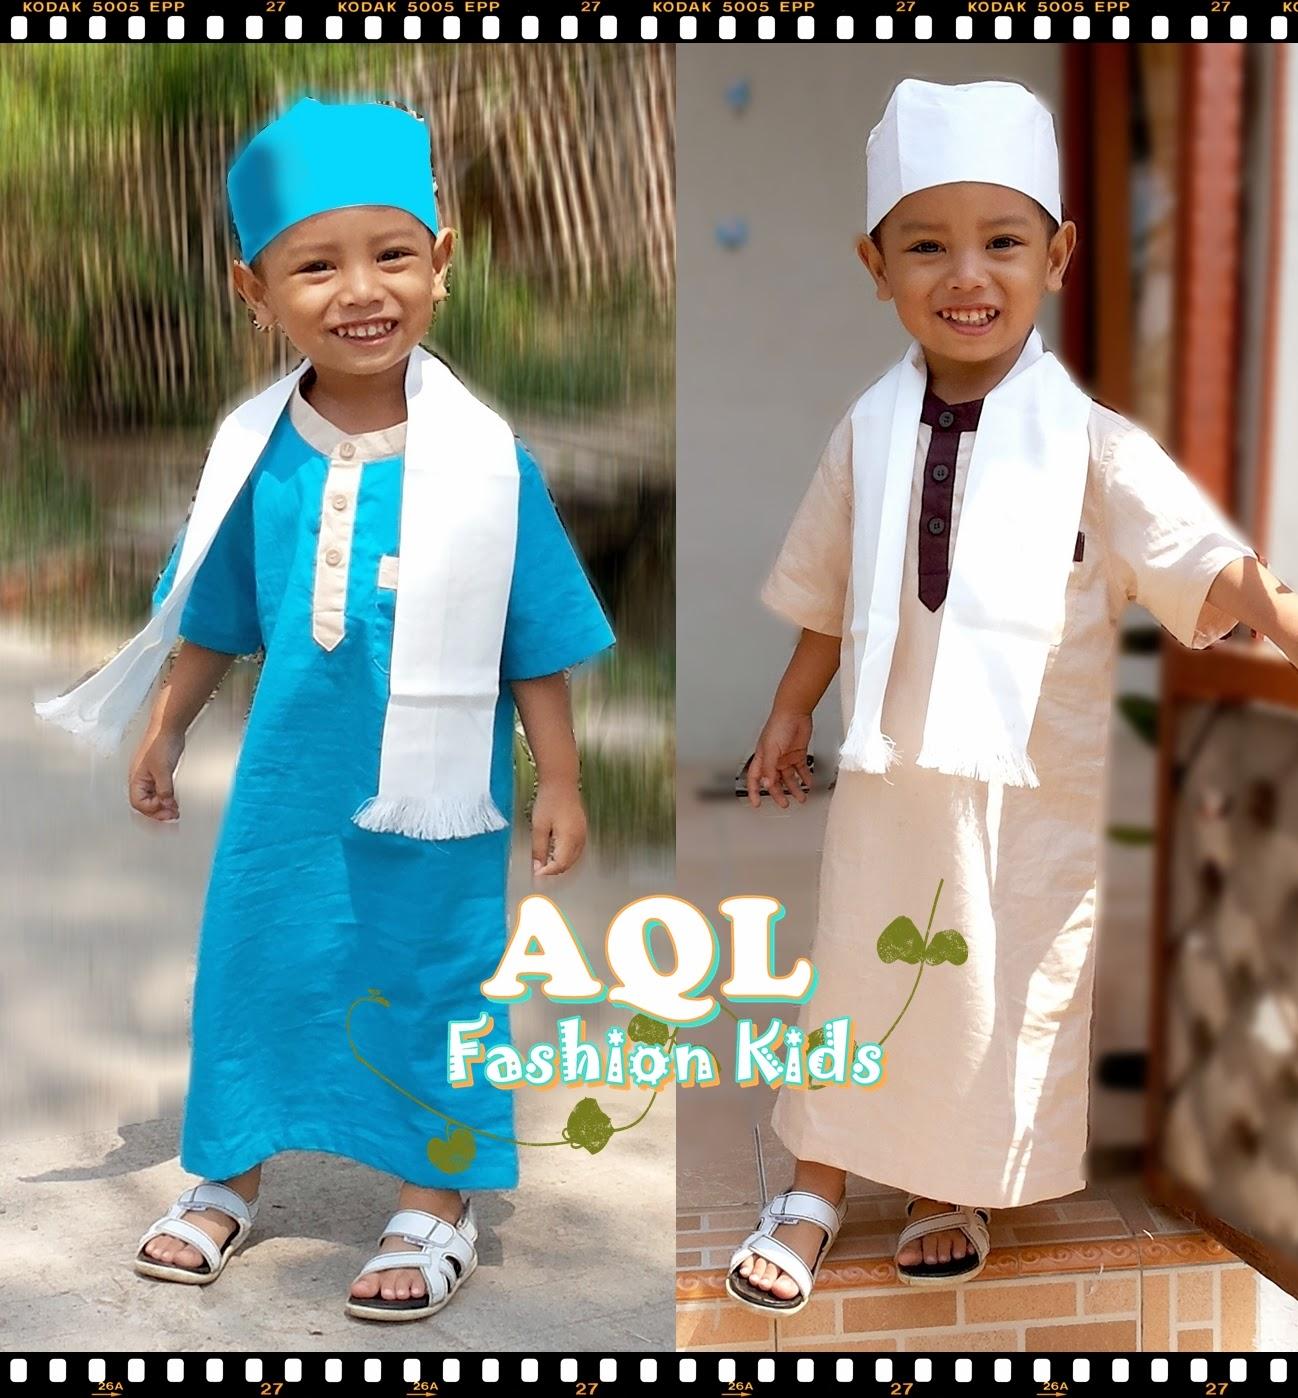 Baju Gamis Anak Pria Bayi Berompi Motif Flower Hello Kity 6 12 Bln Available 4 Color Produsen Sarung Instan Turban Baby Dan Pakaian Jubah Kids